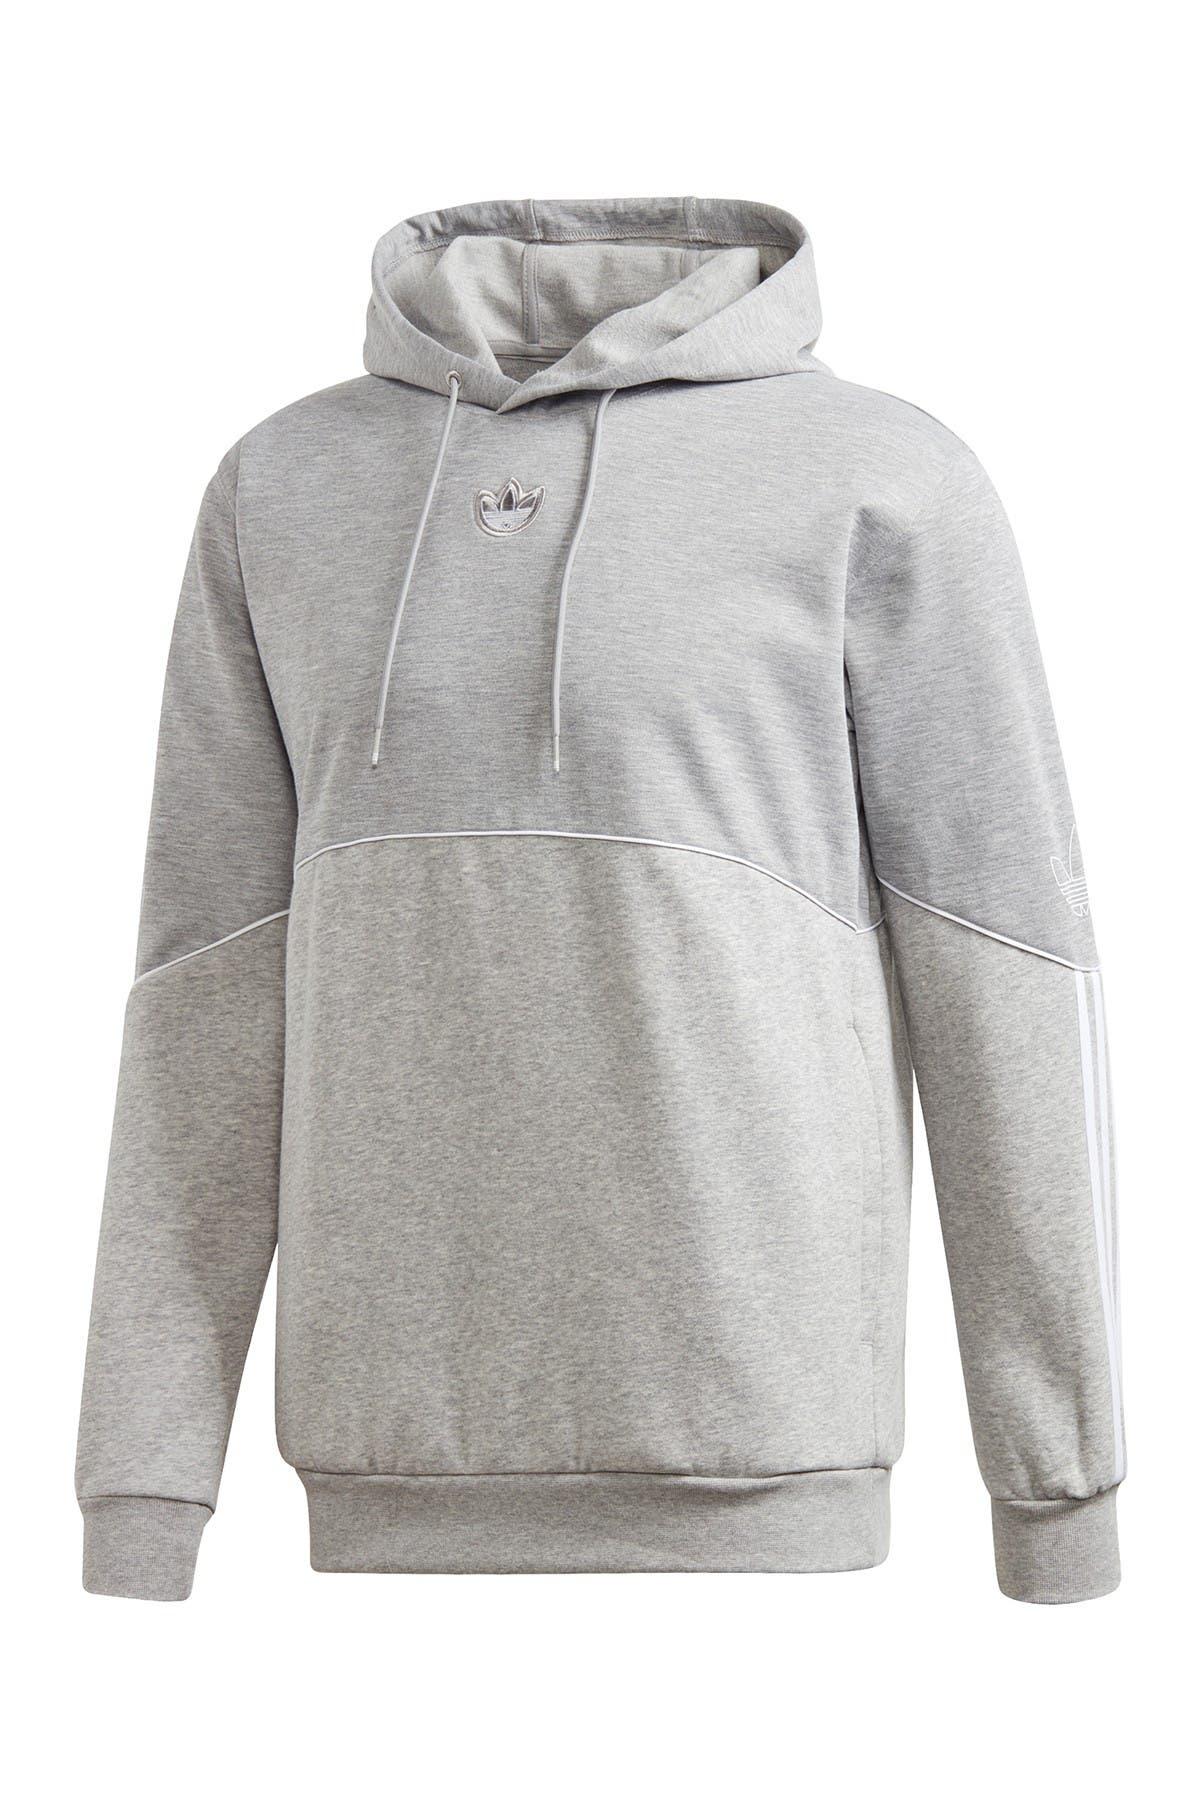 Image of adidas Outline Fleece Hoodie